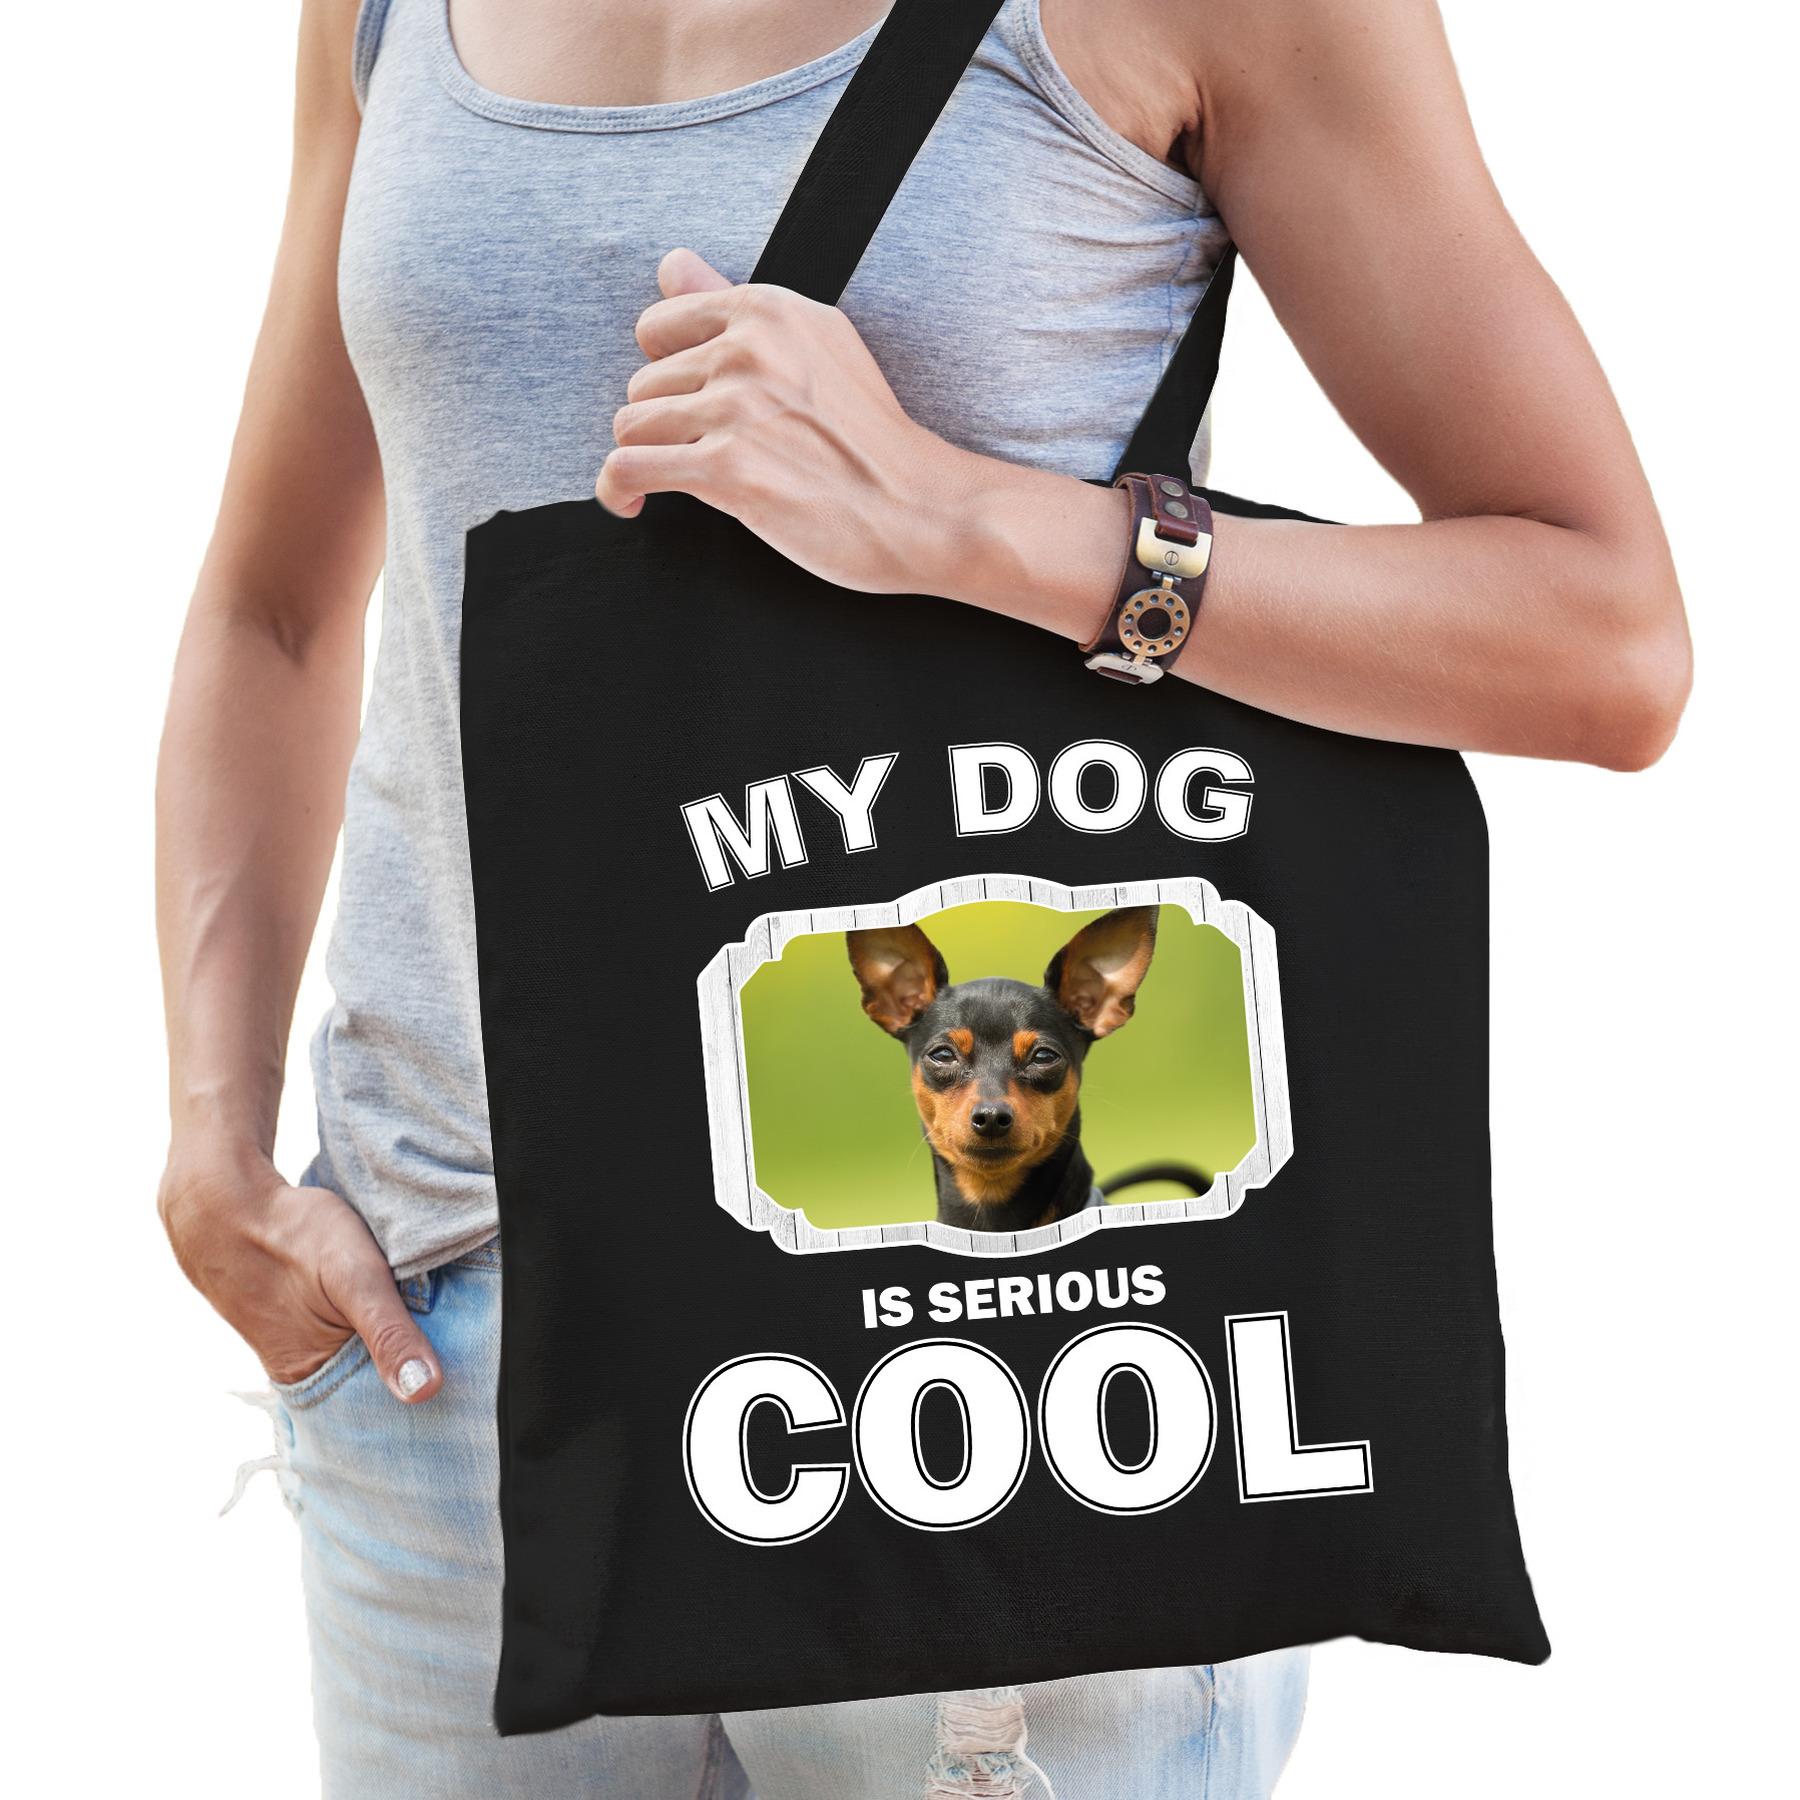 Katoenen tasje my dog is serious cool zwart - Dwergpinscher honden cadeau tas